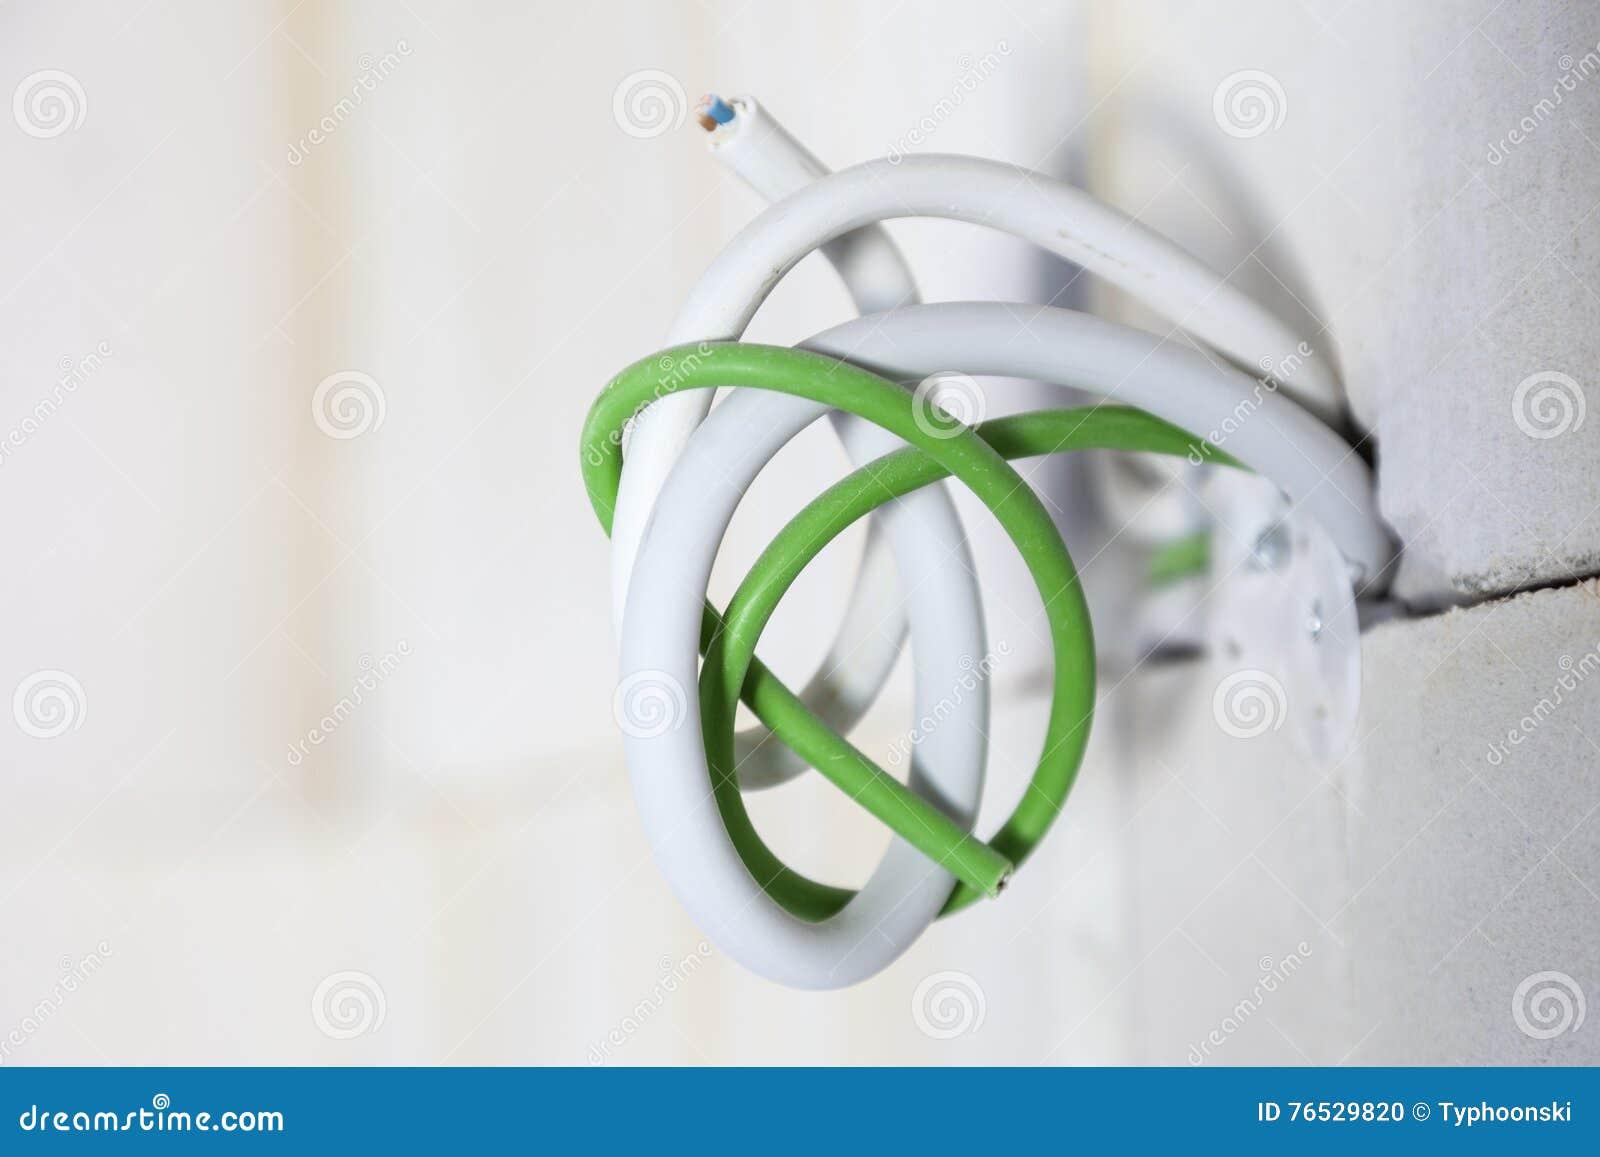 kabel in der wand stockfoto. bild von weiß, einbau, verteilung